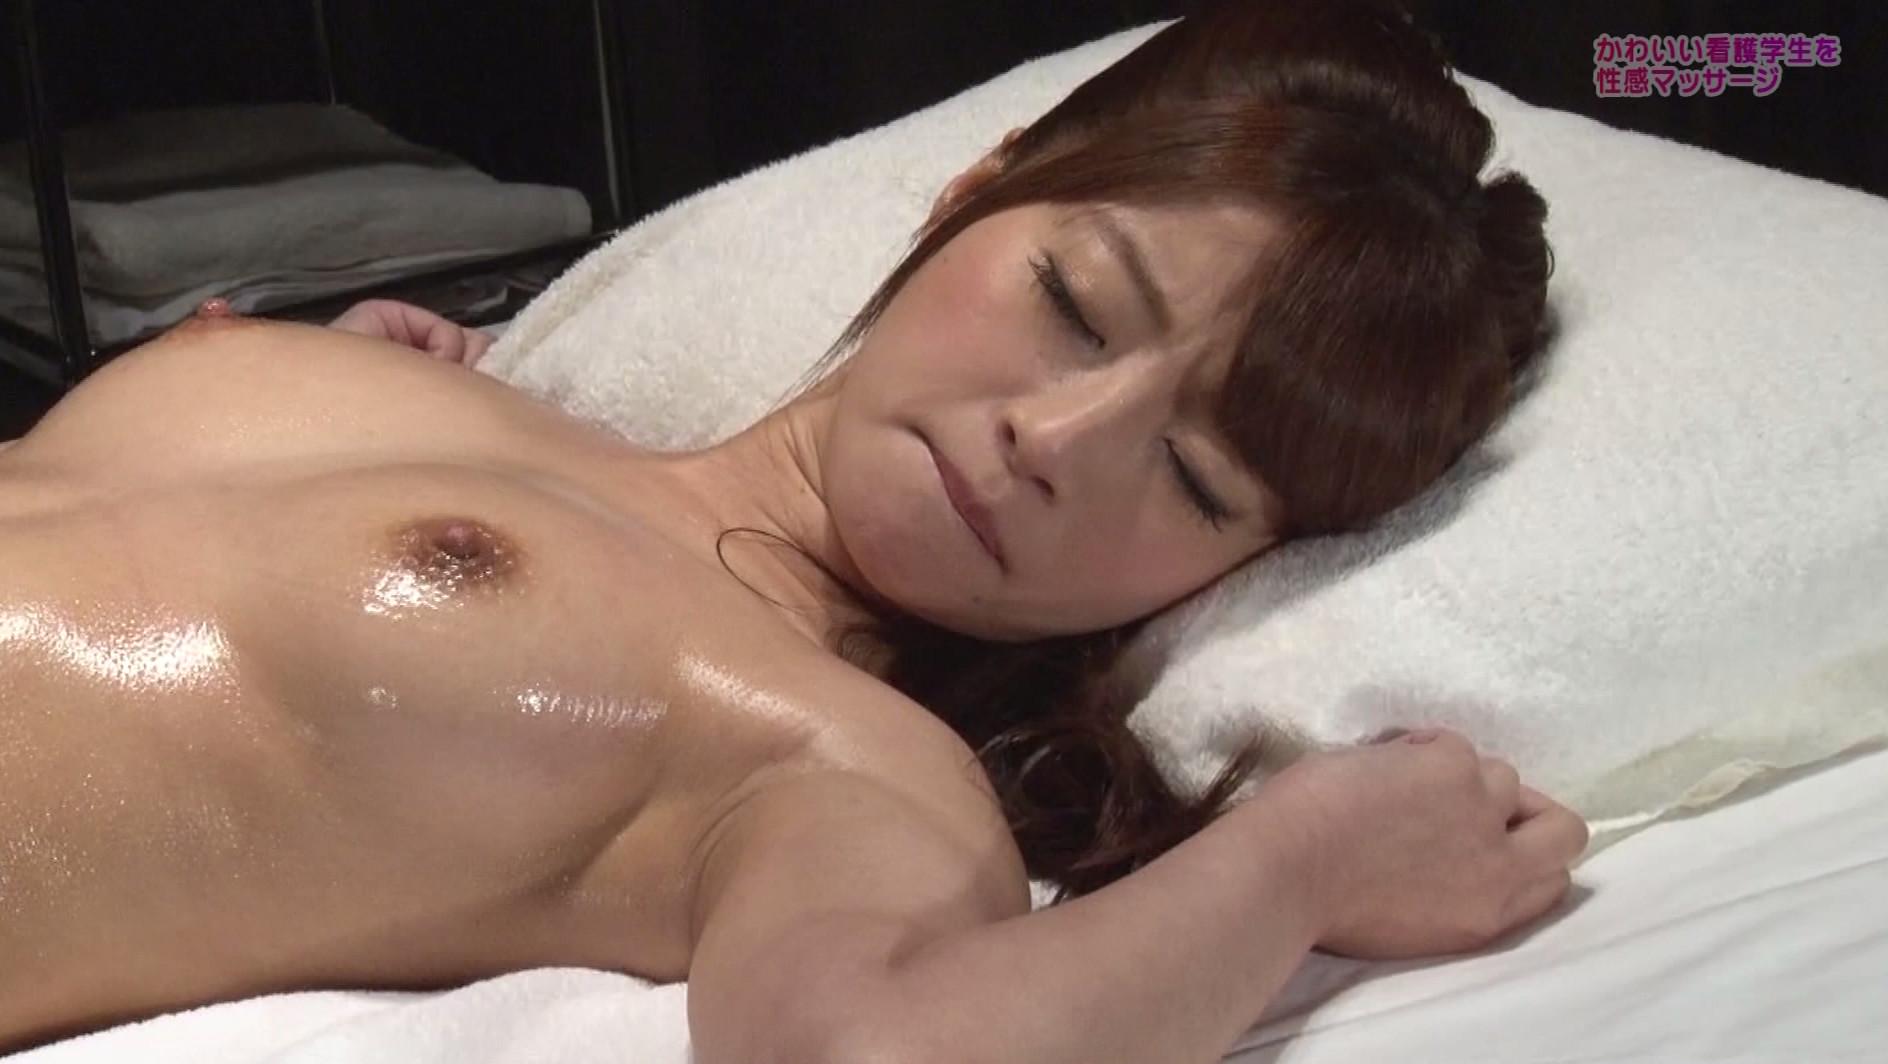 かわいい看護学生を性感マッサージでとことんイカせてみた 画像10